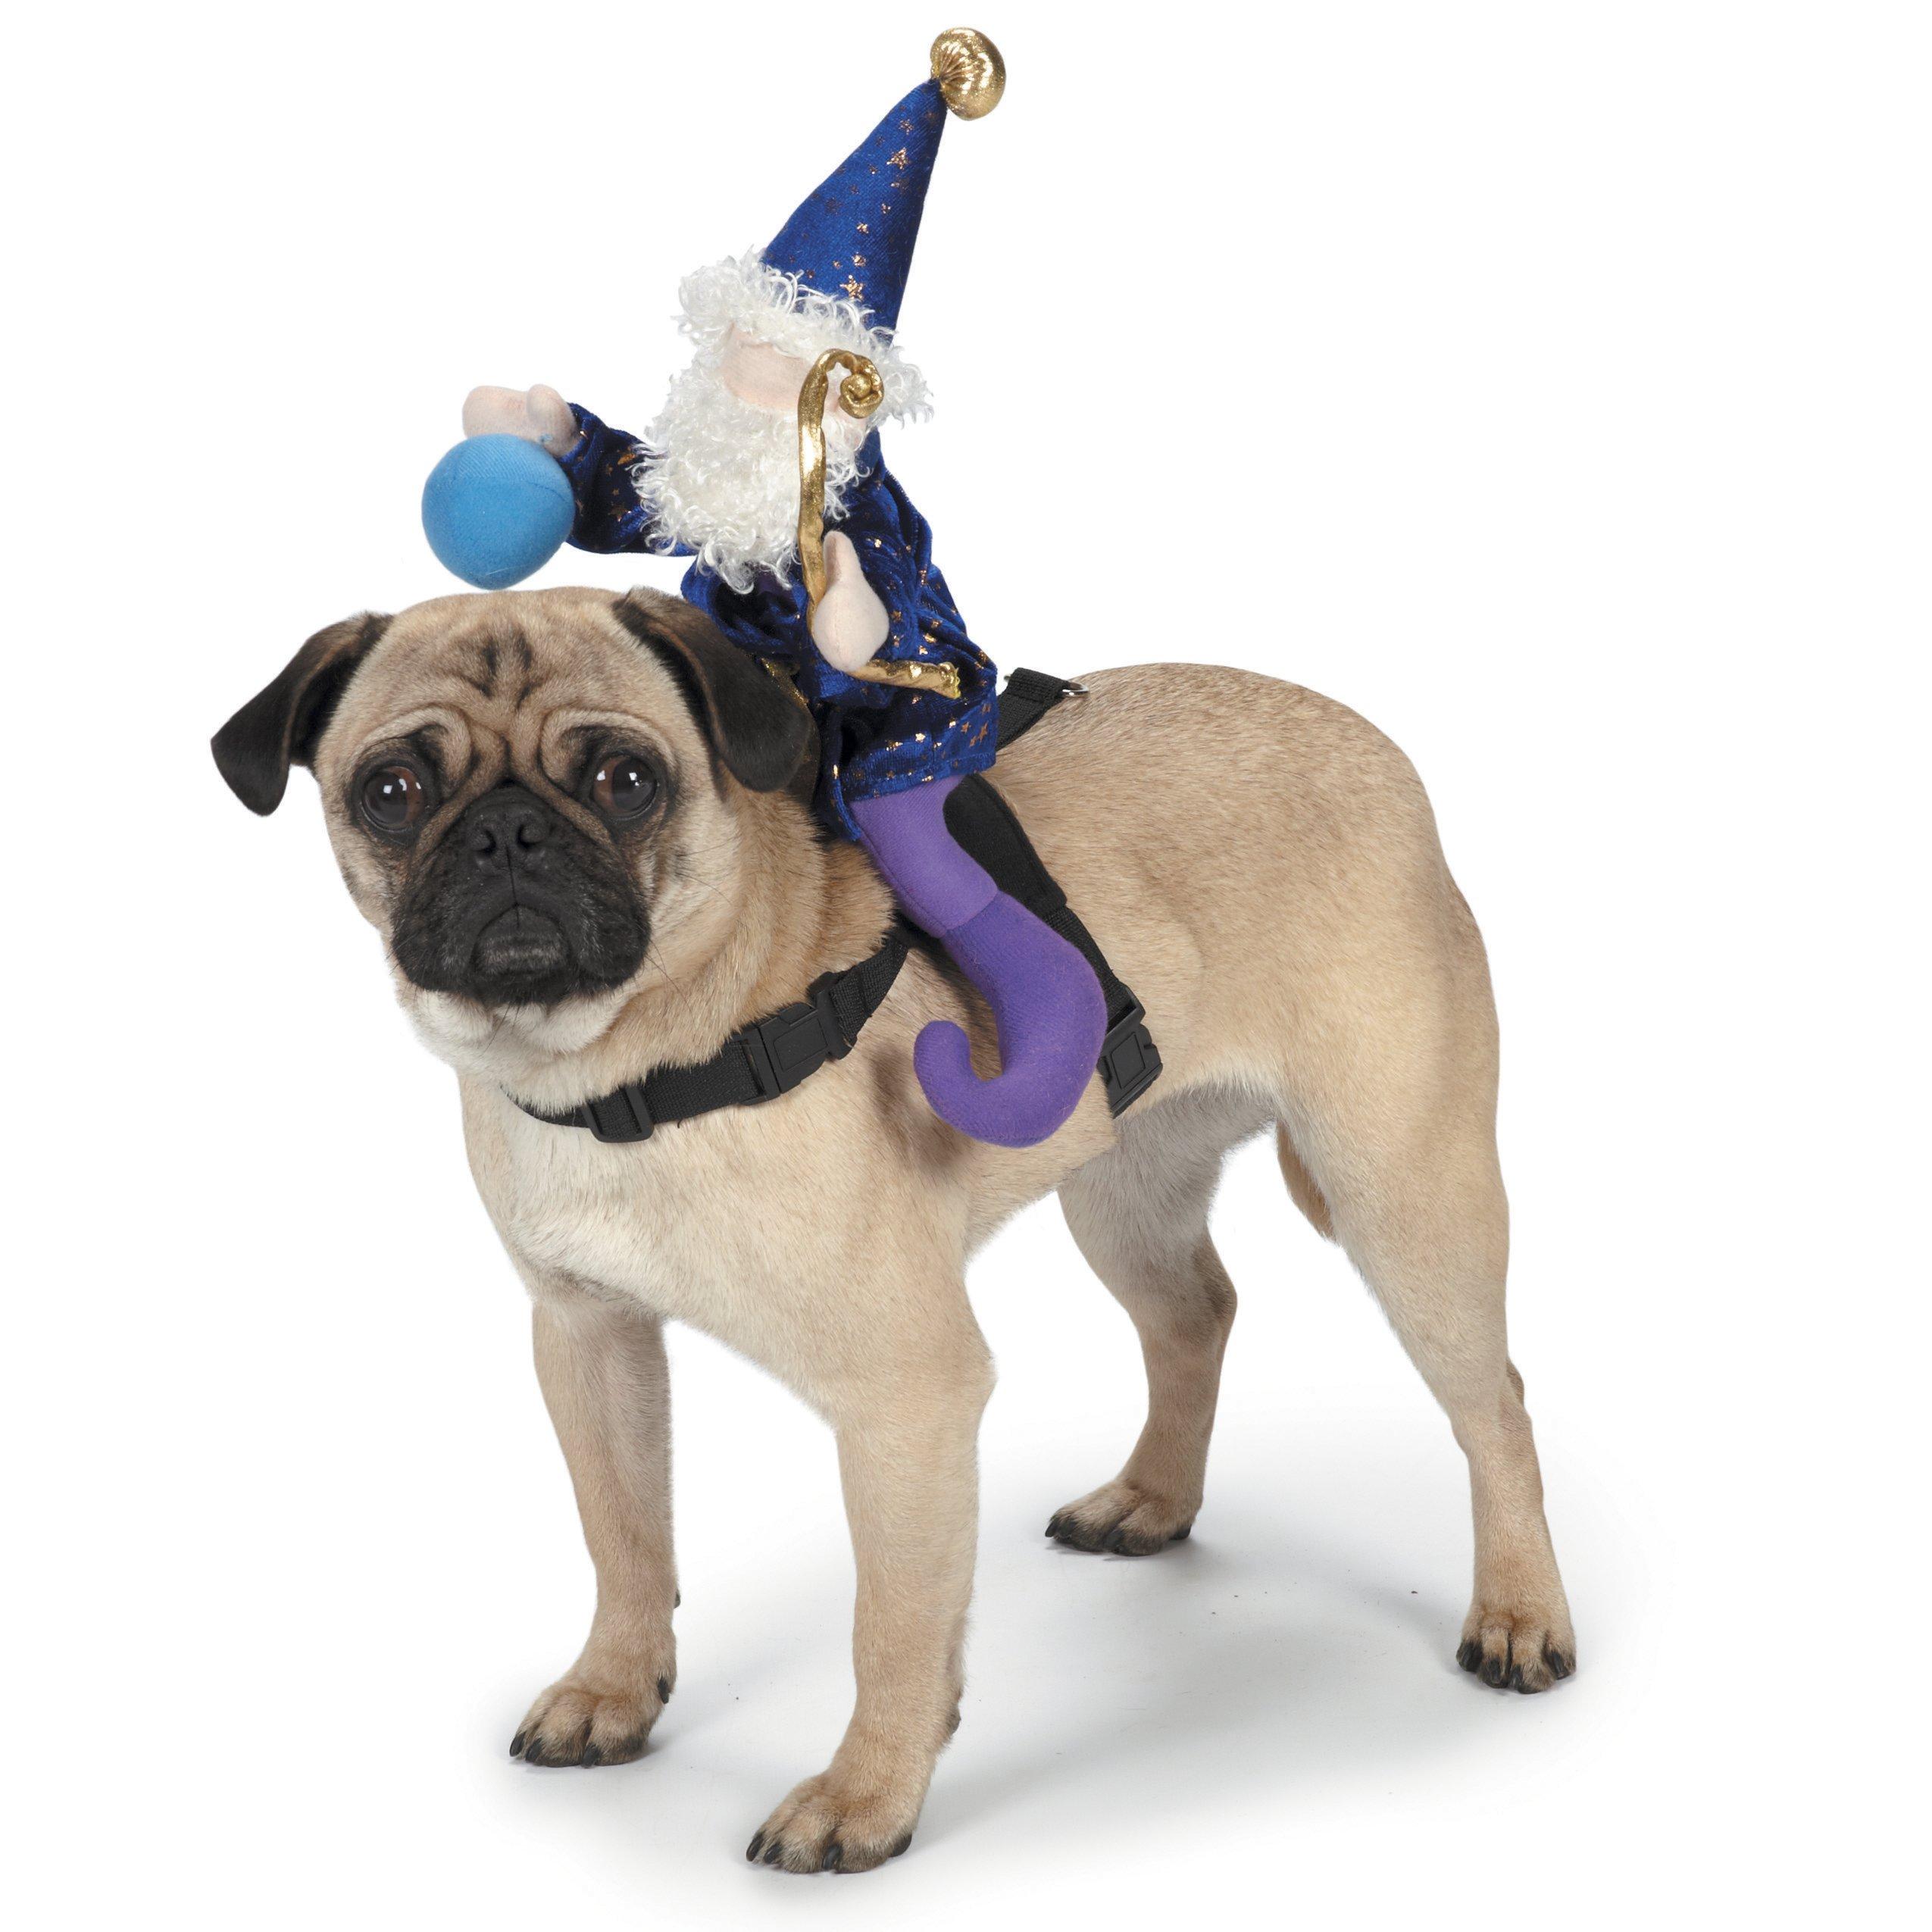 Zack & Zoey Wizard Saddle Dog Costume, X-Large by Zack & Zoey